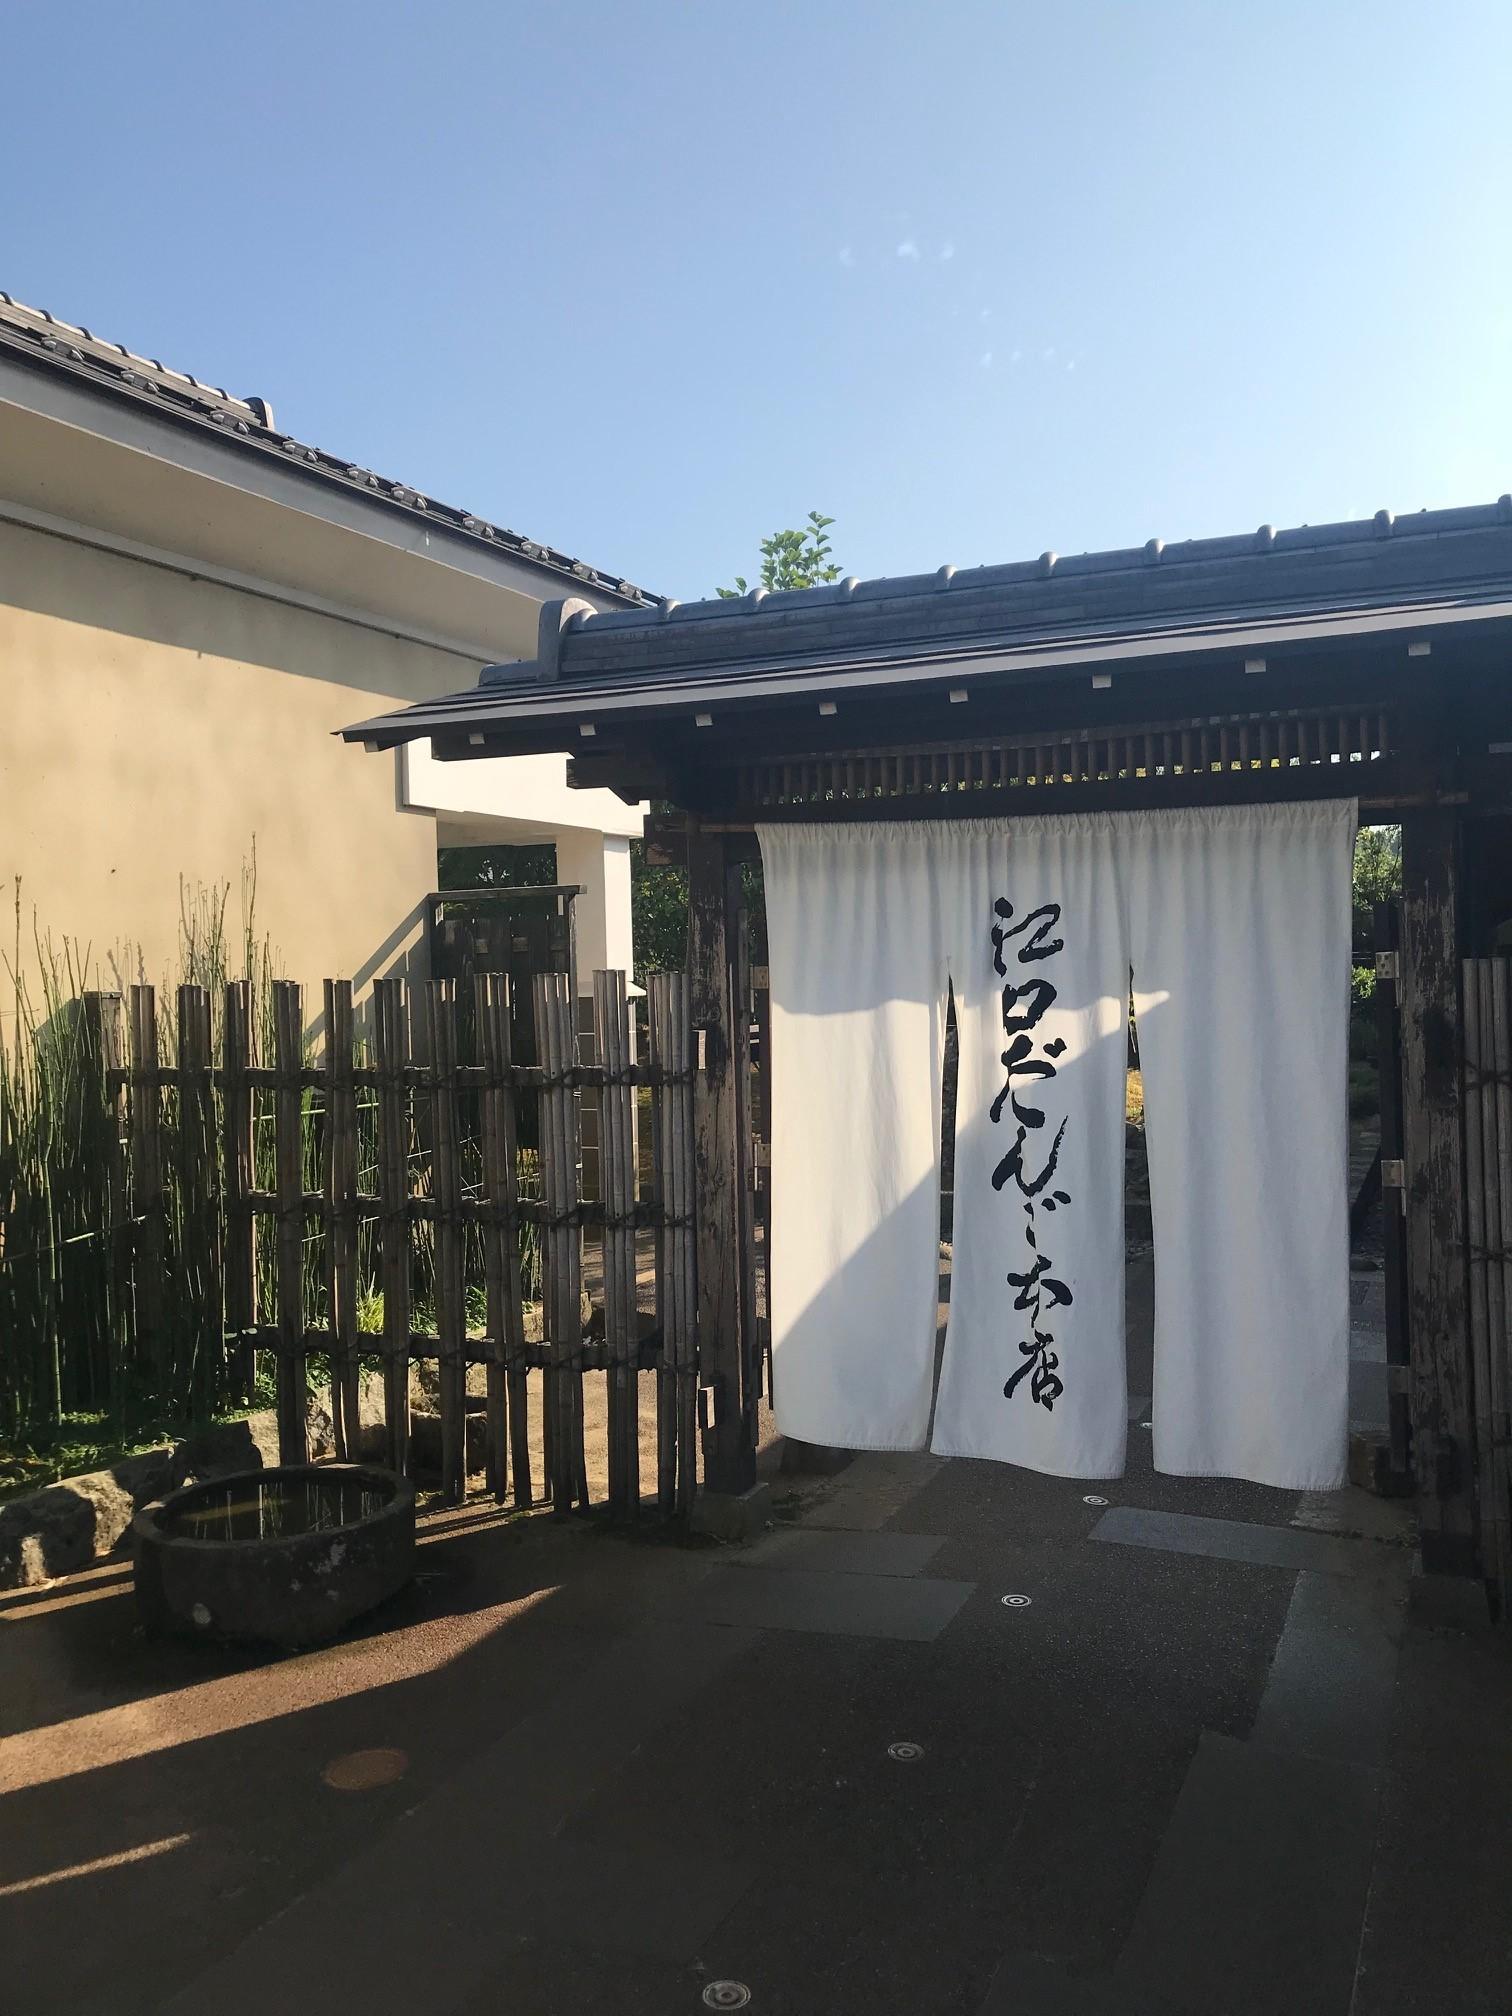 夏の風物詩といえば花火!地元長岡の花火を満喫してきました♡_1_4-2